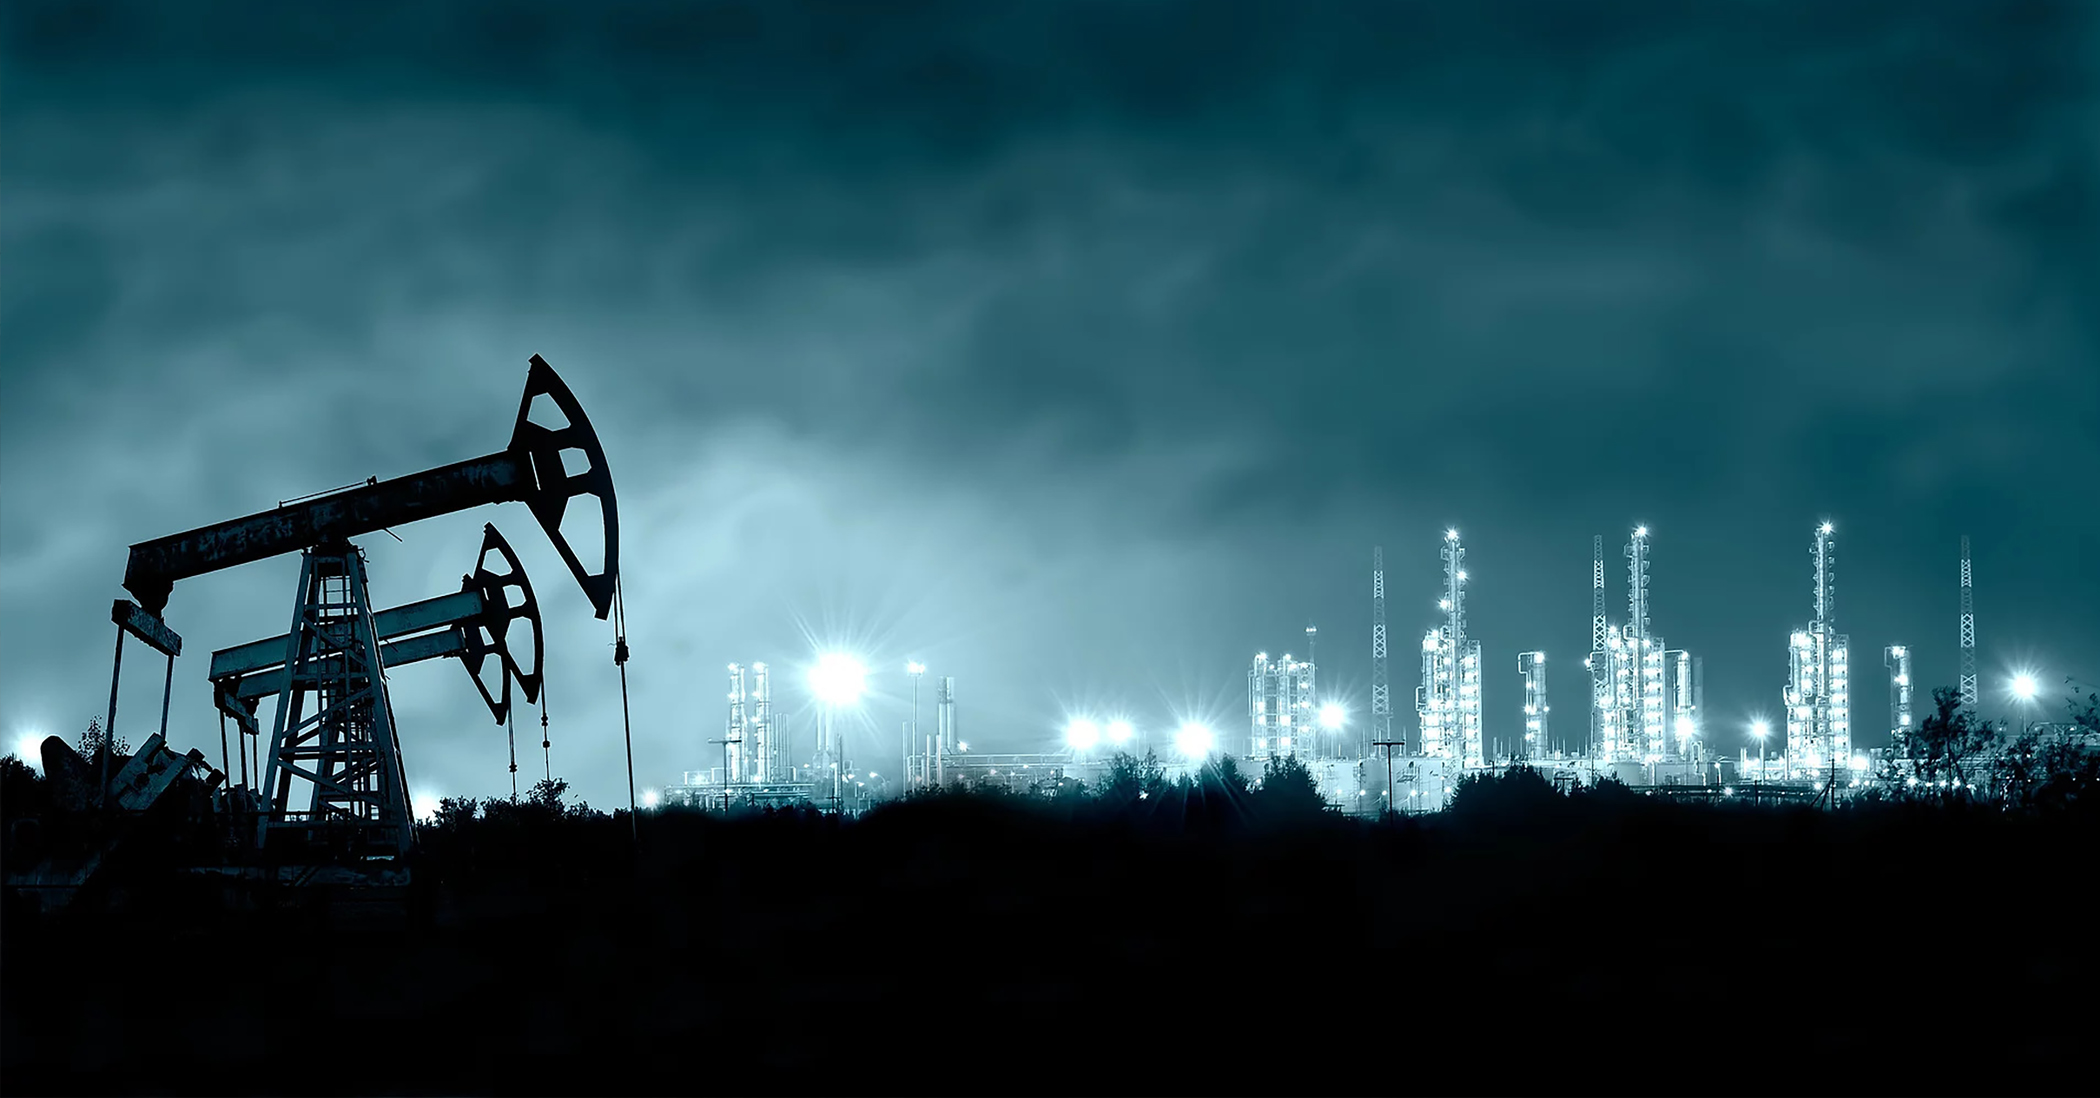 Equilibrium Catalyst Oil Refinery image